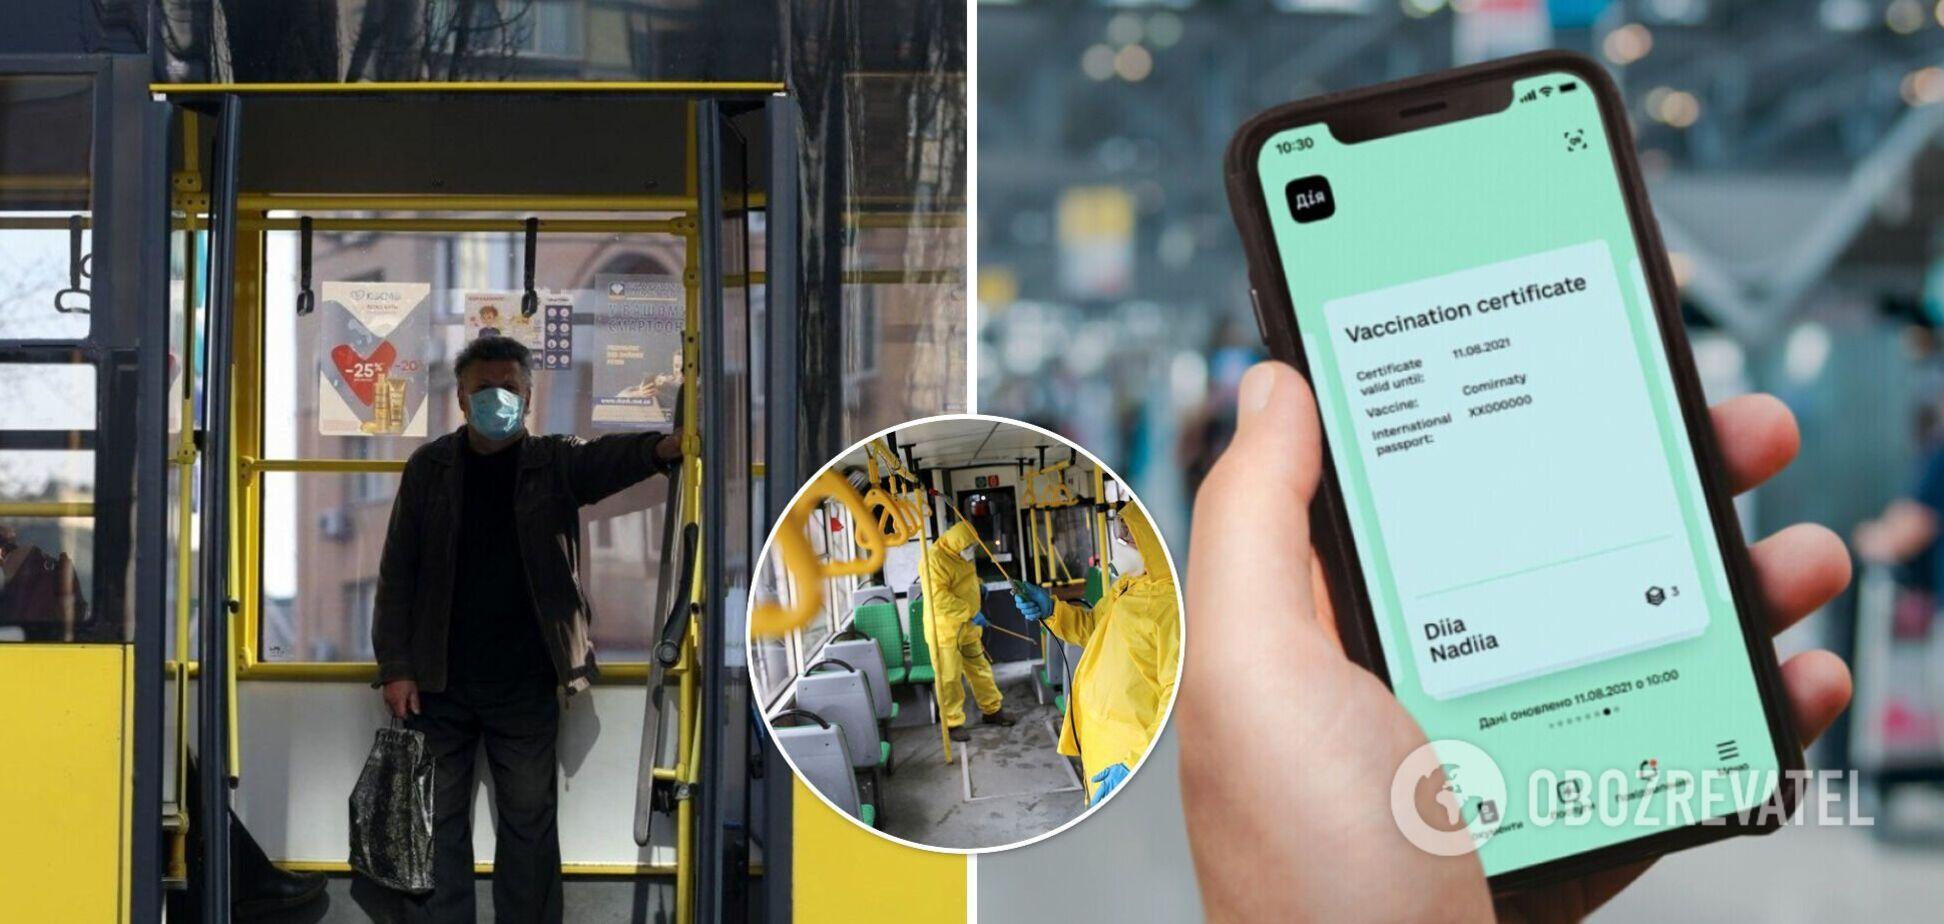 В Днепре невакцинированных не пустят в городской транспорт: что известно об инициативе властей